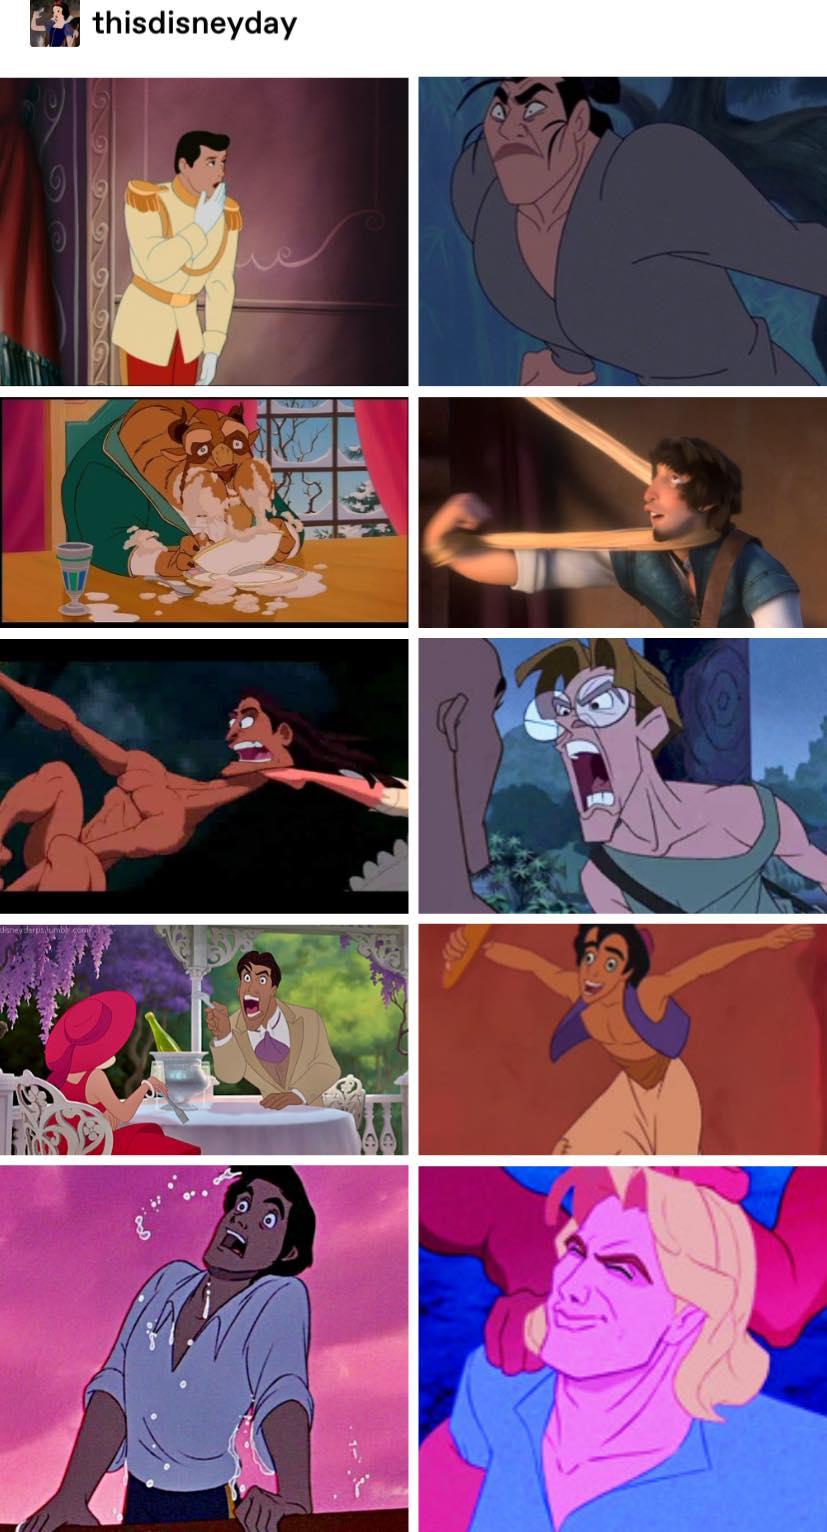 Handsome Disney Princes